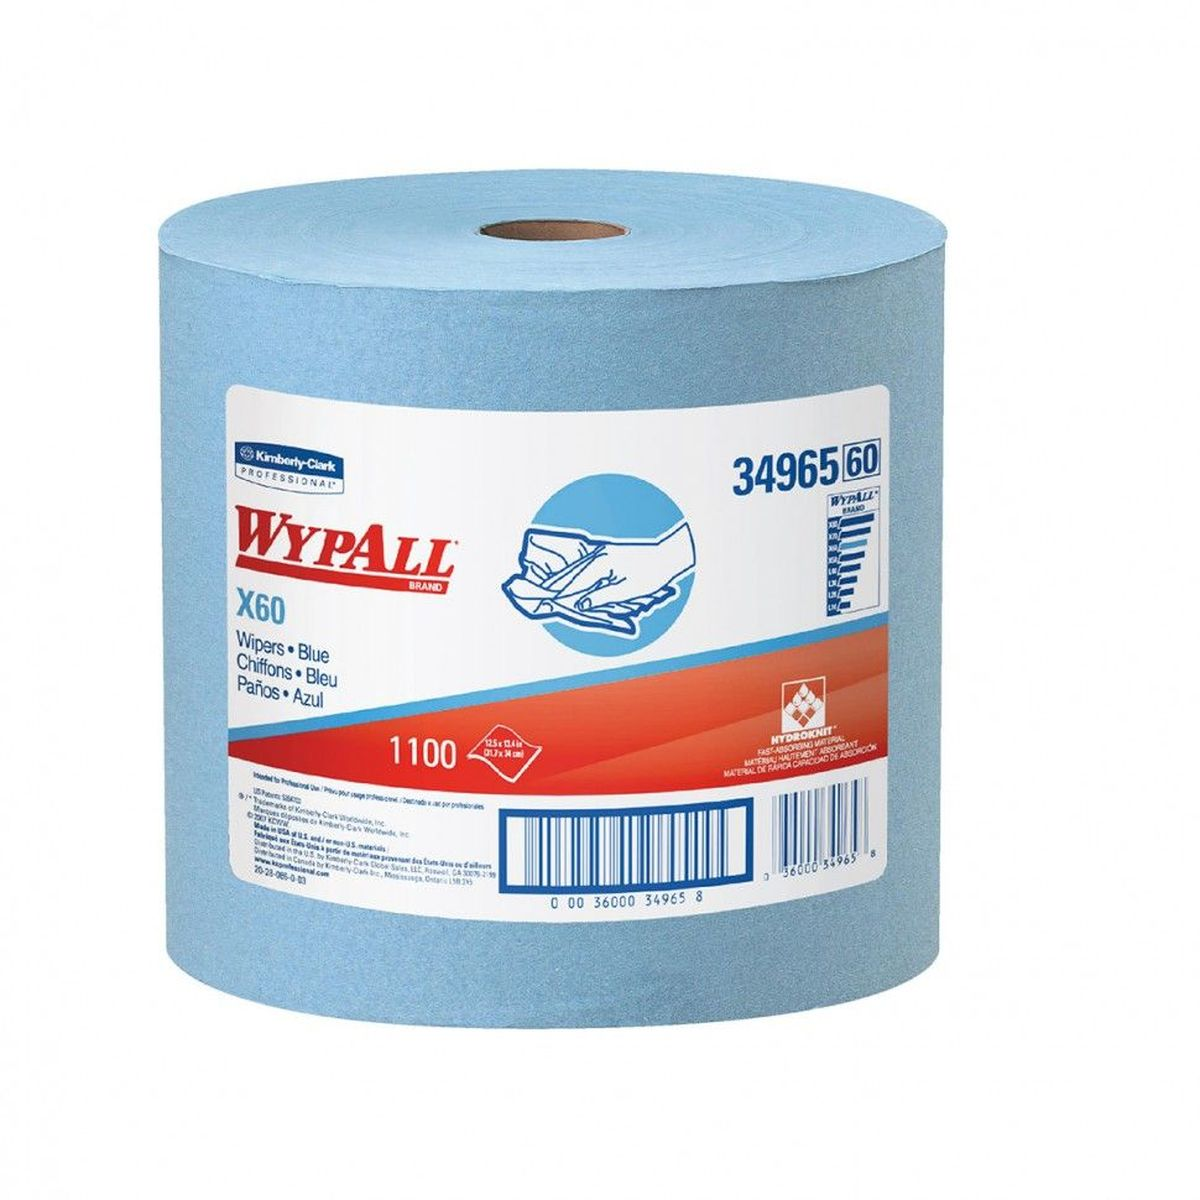 Полотенца бумажные Wypall  Х60 , 1100 шт - Туалетная бумага, салфетки